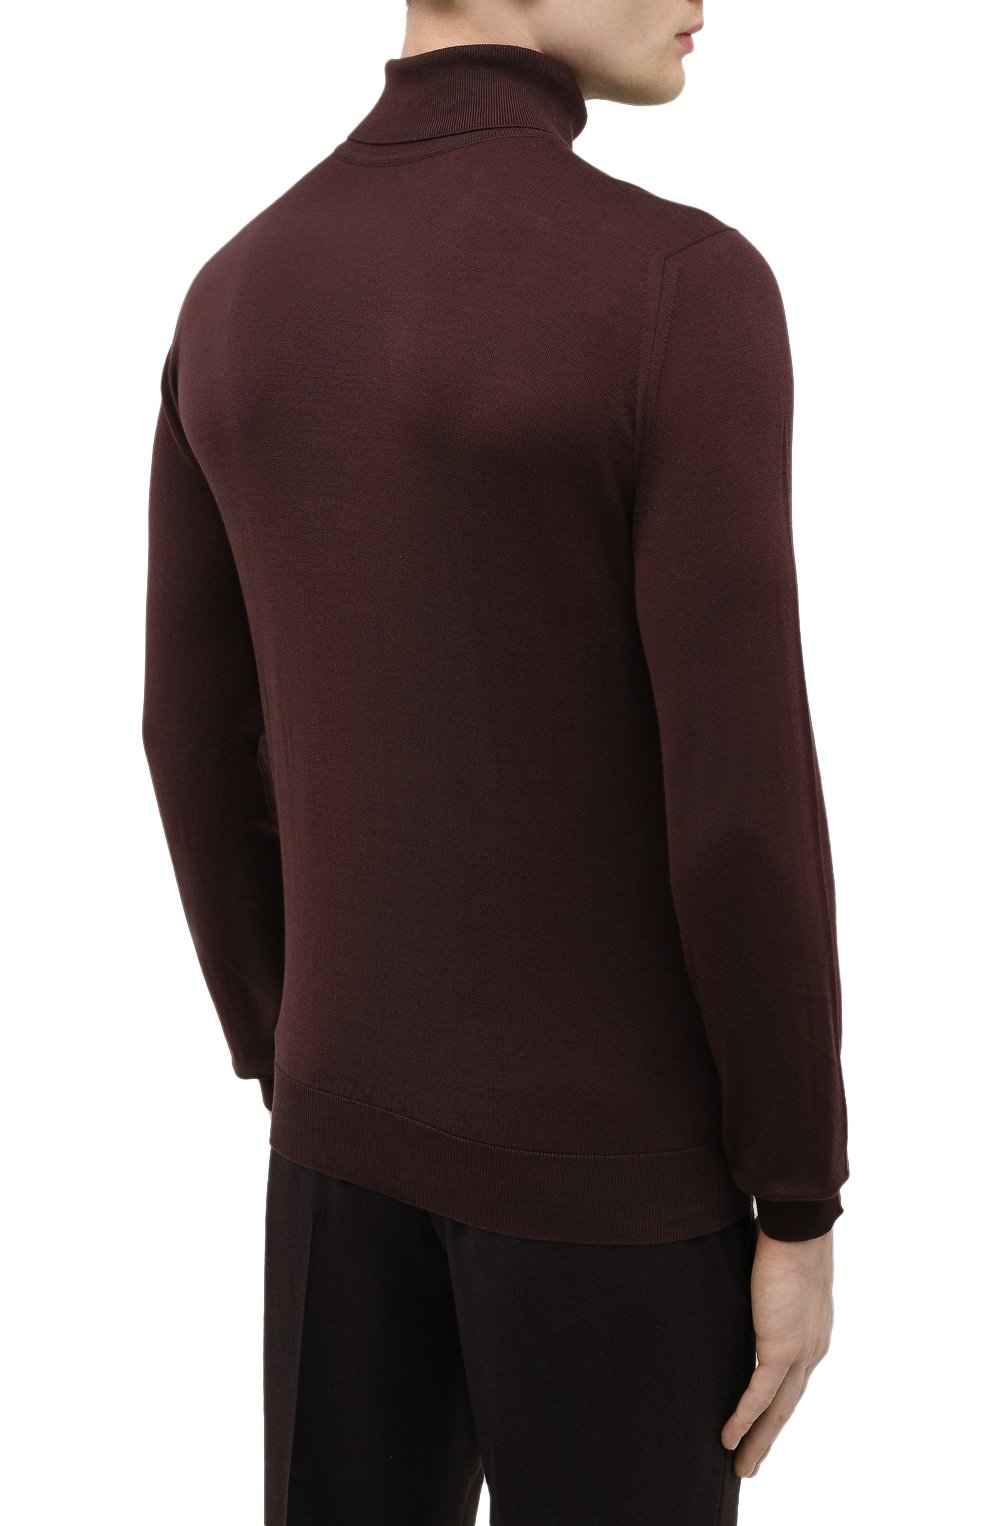 Мужской хлопковая водолазка JOHN SMEDLEY темно-коричневого цвета, арт. HAWLEY | Фото 4 (Рукава: Длинные; Принт: Без принта; Длина (для топов): Стандартные; Материал внешний: Хлопок; Мужское Кросс-КТ: Водолазка-одежда; Стили: Кэжуэл)